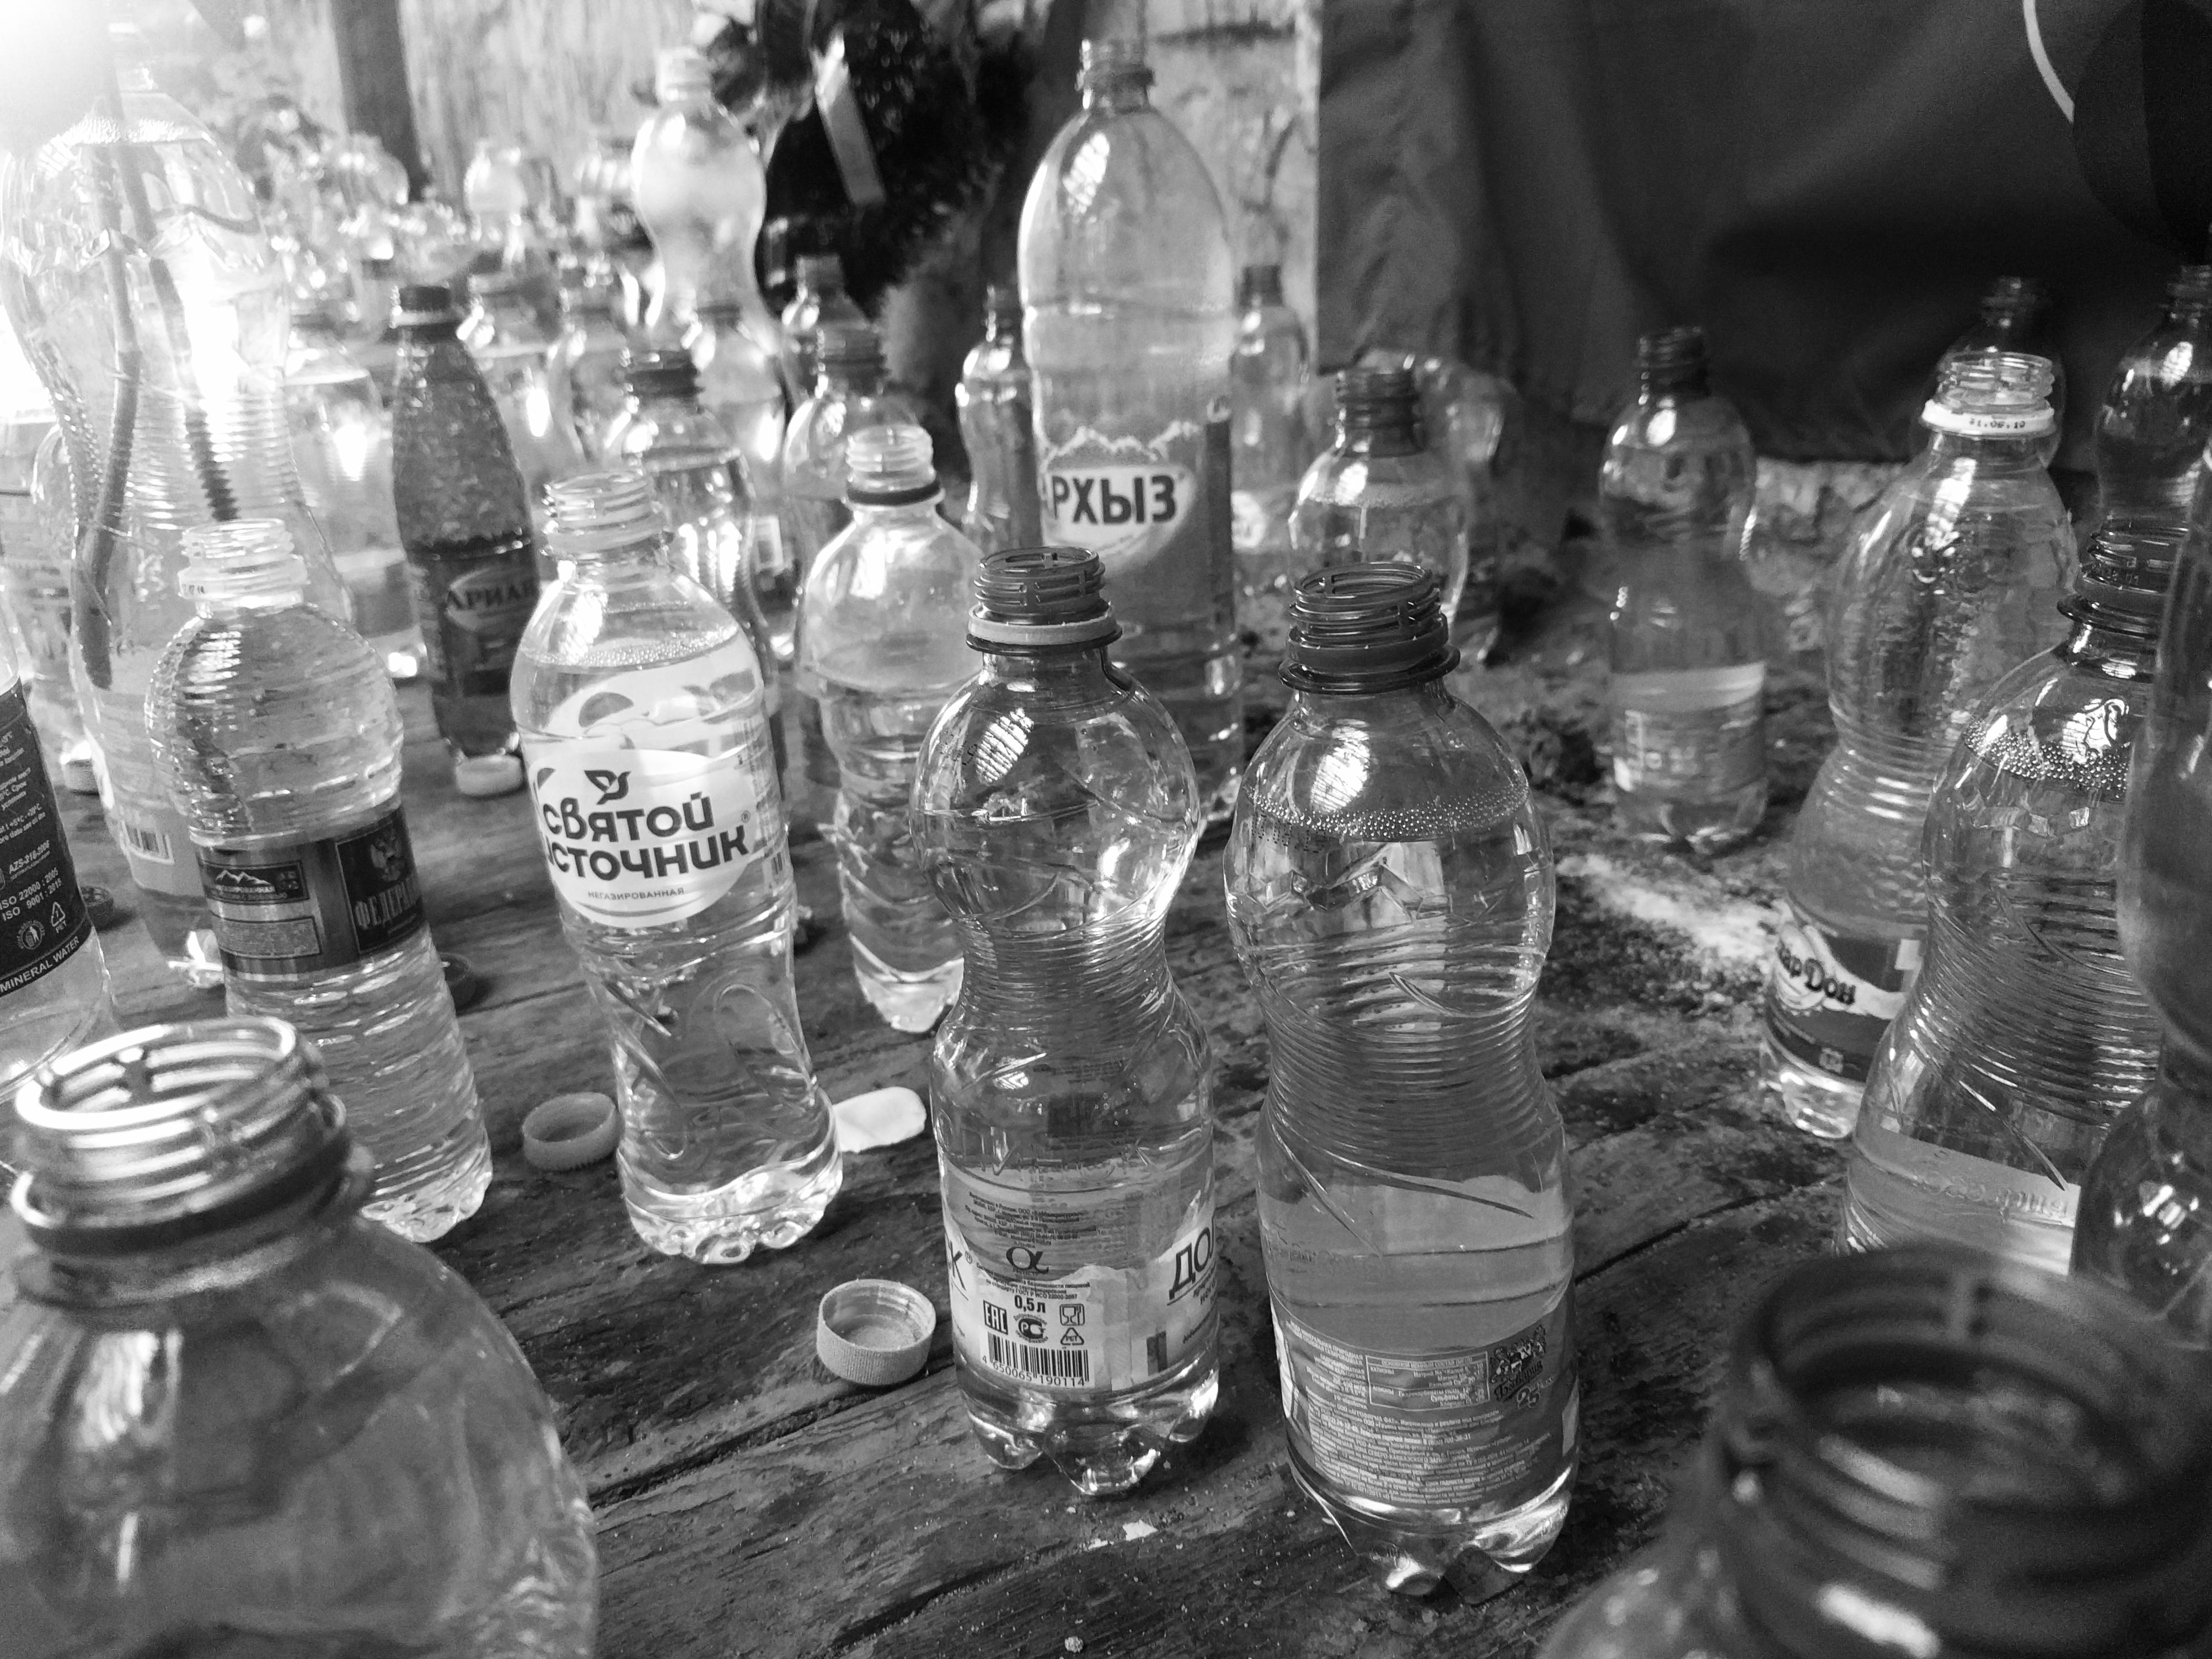 Mensen zetten flesjes water neer om solidair te zijn met de gijzelaars die drie dagen in de verzengende hitte moesten blijven zitten, zonder voedsel of drank.